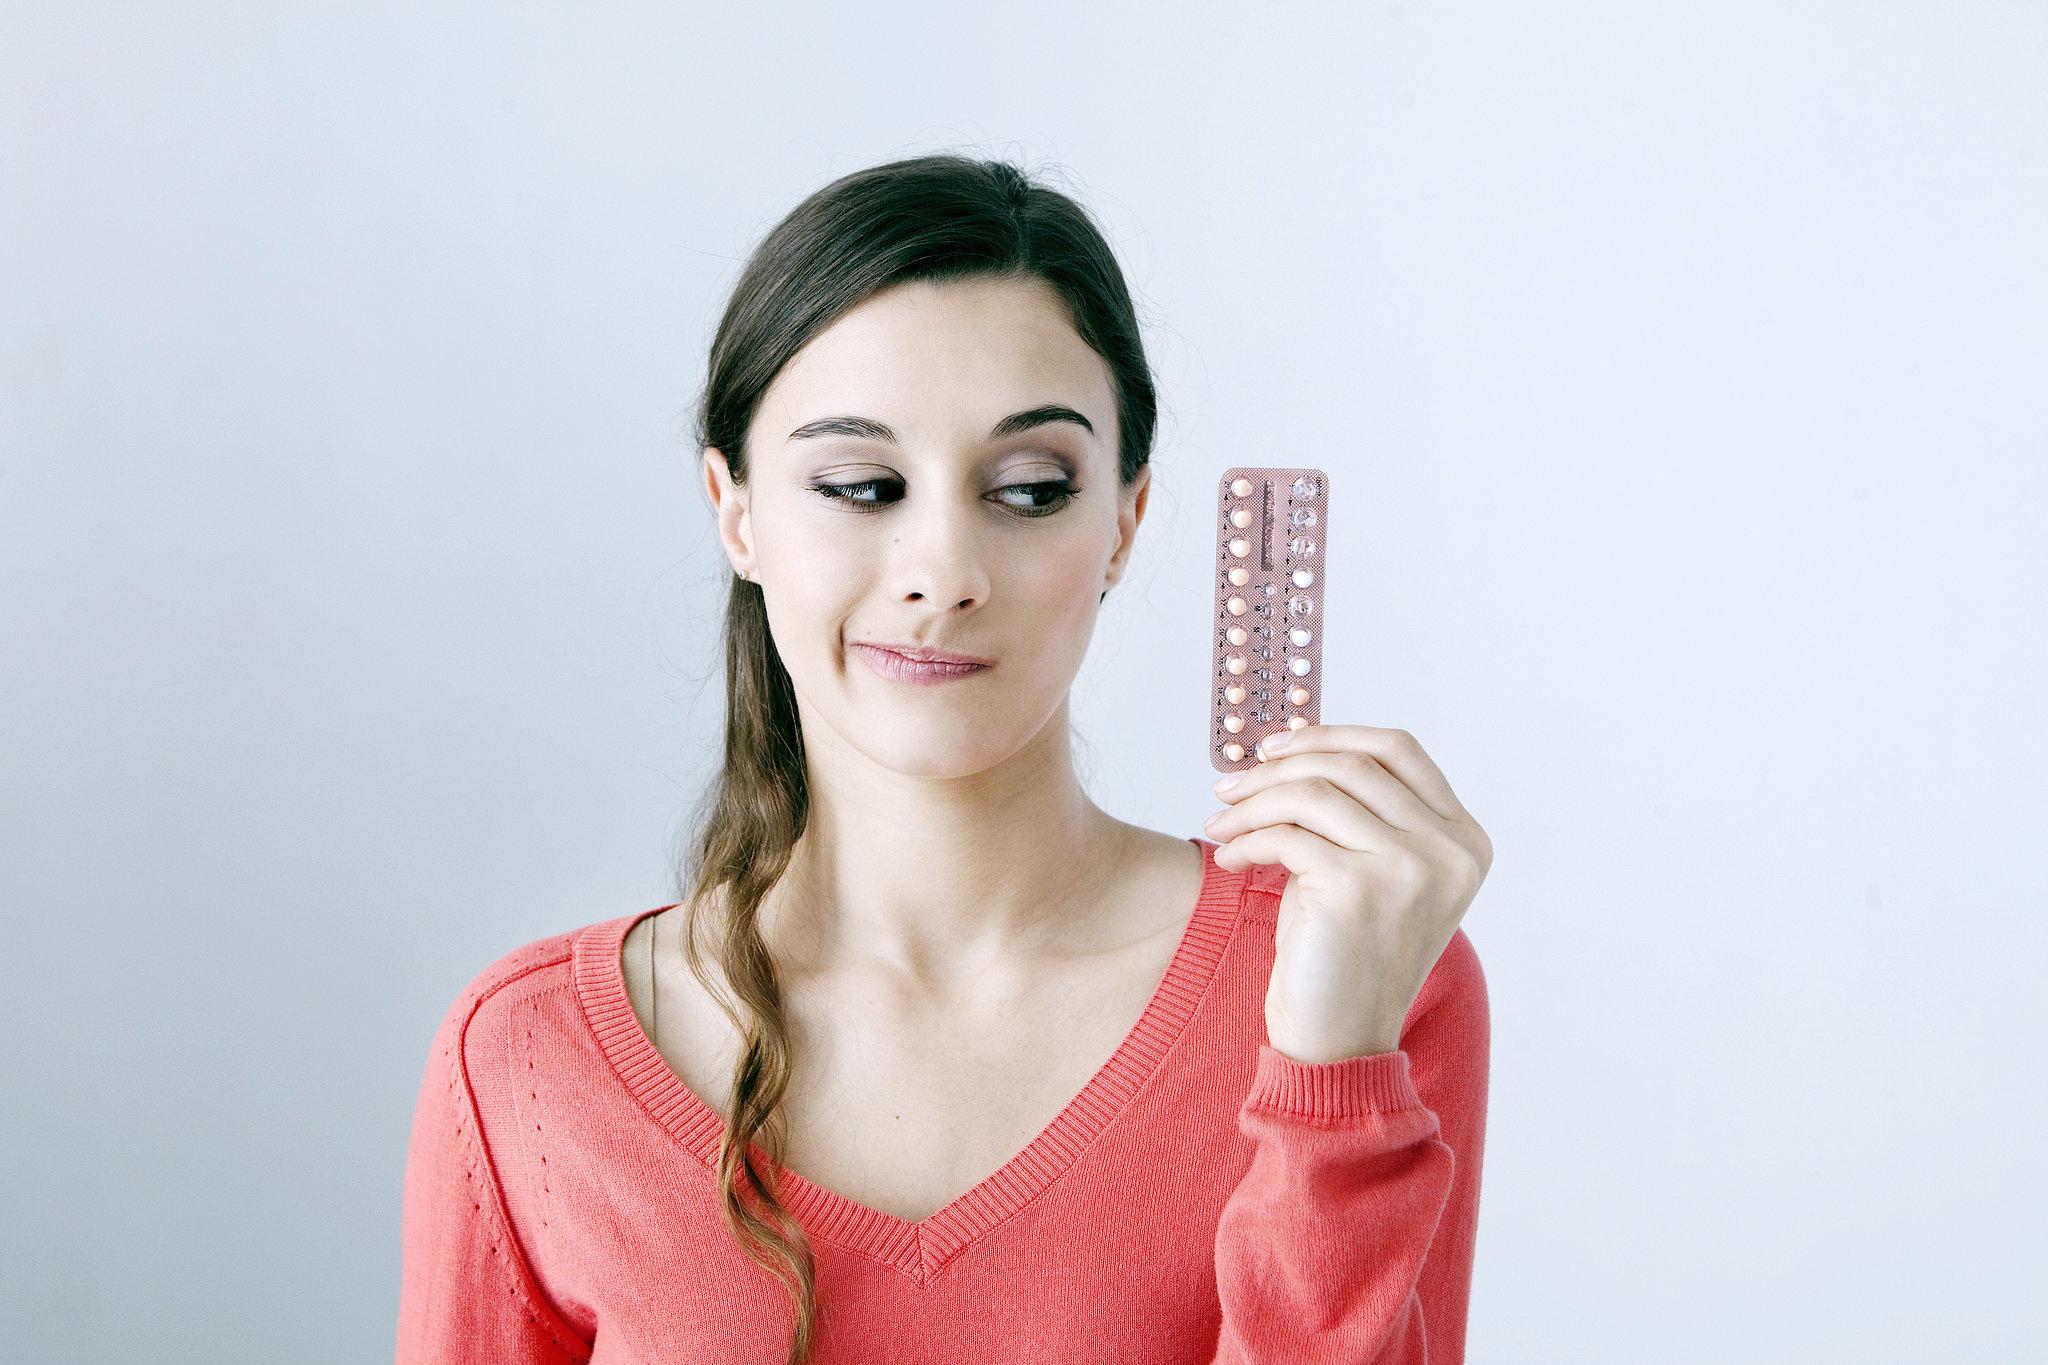 Anticoncepcionais aumentam risco de câncer de mama